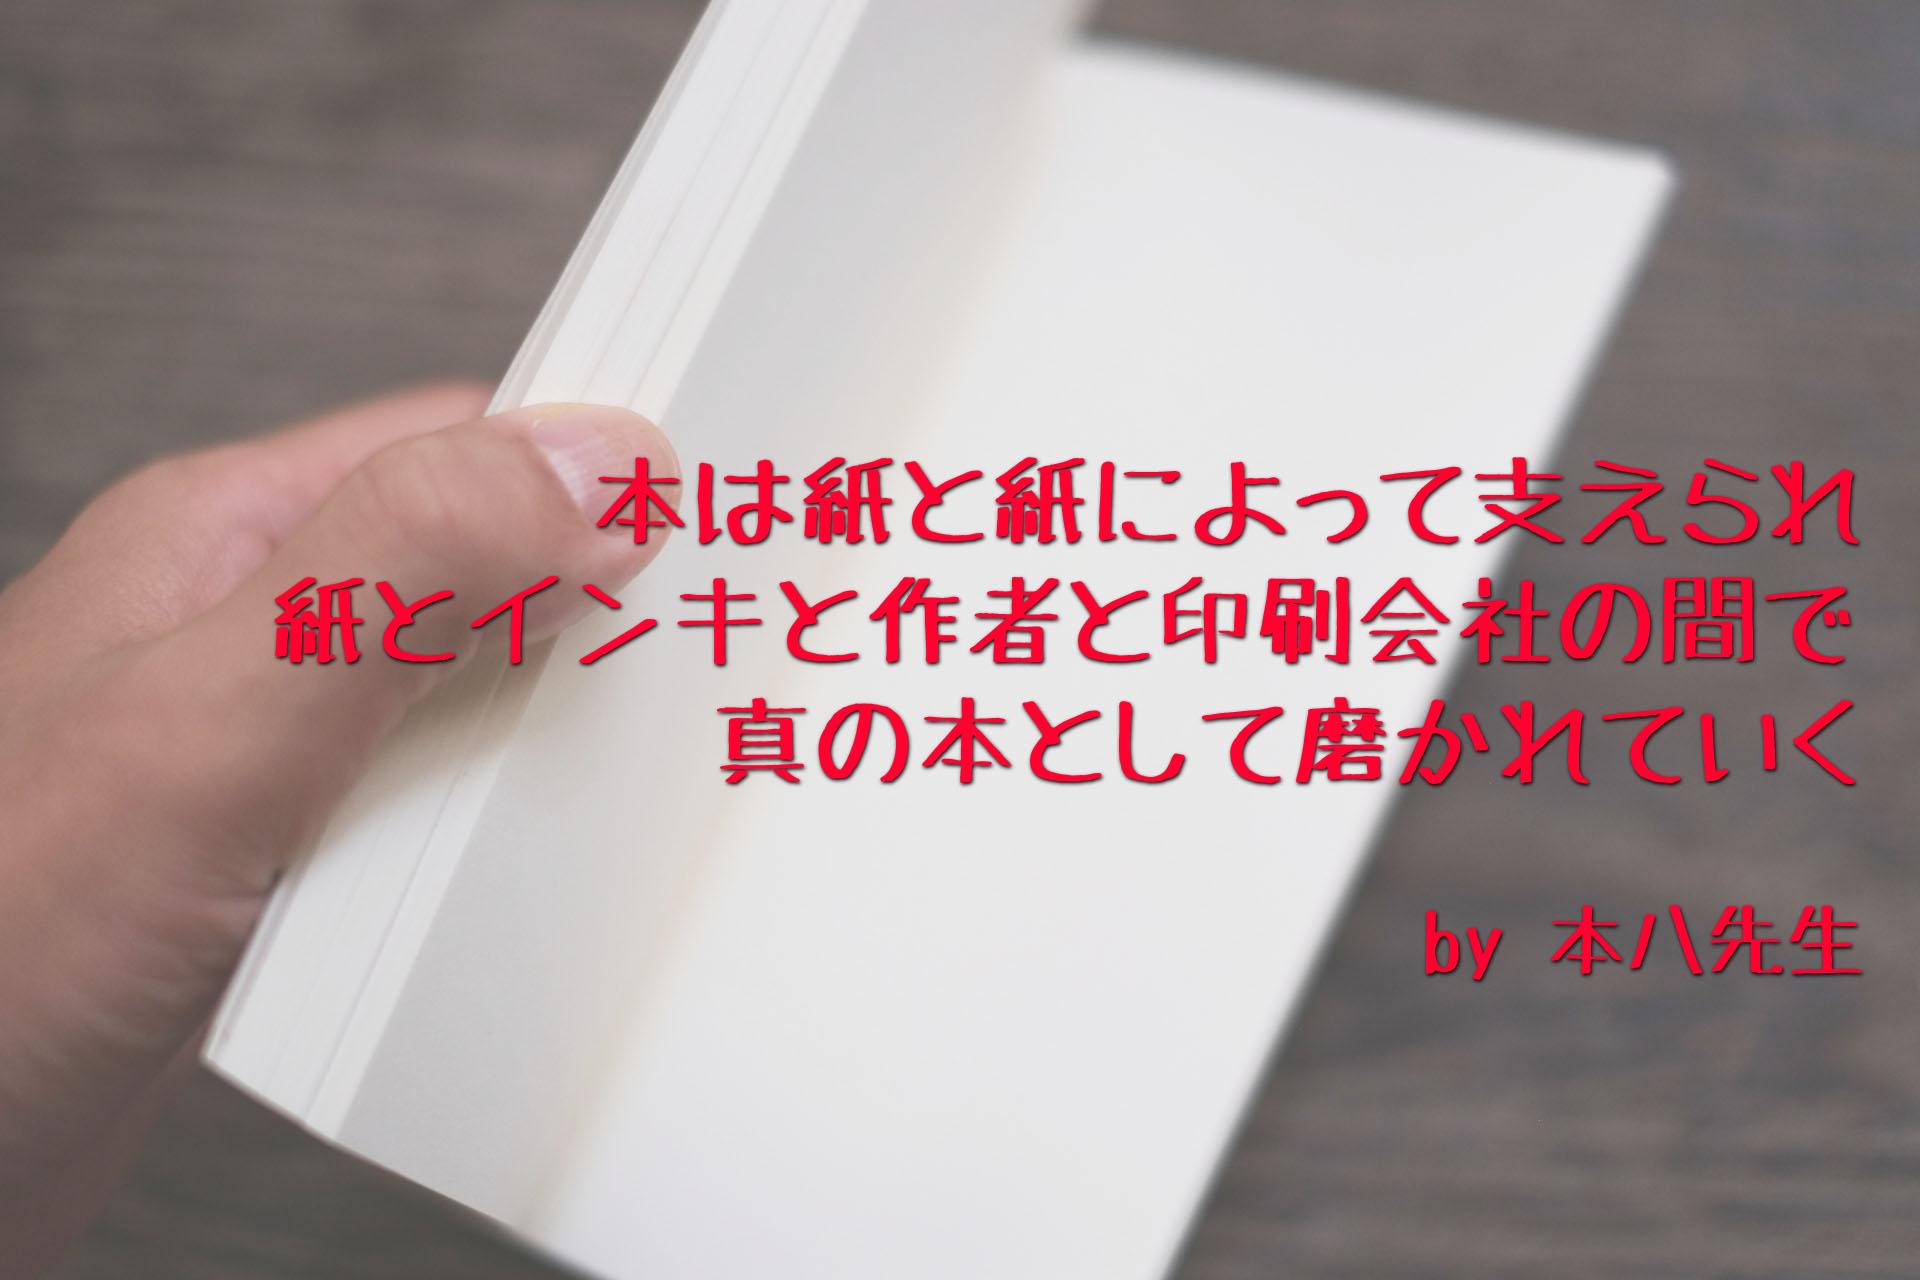 【大阪の印刷会社の豆知識】同人誌に使われる印刷用紙の特徴は?